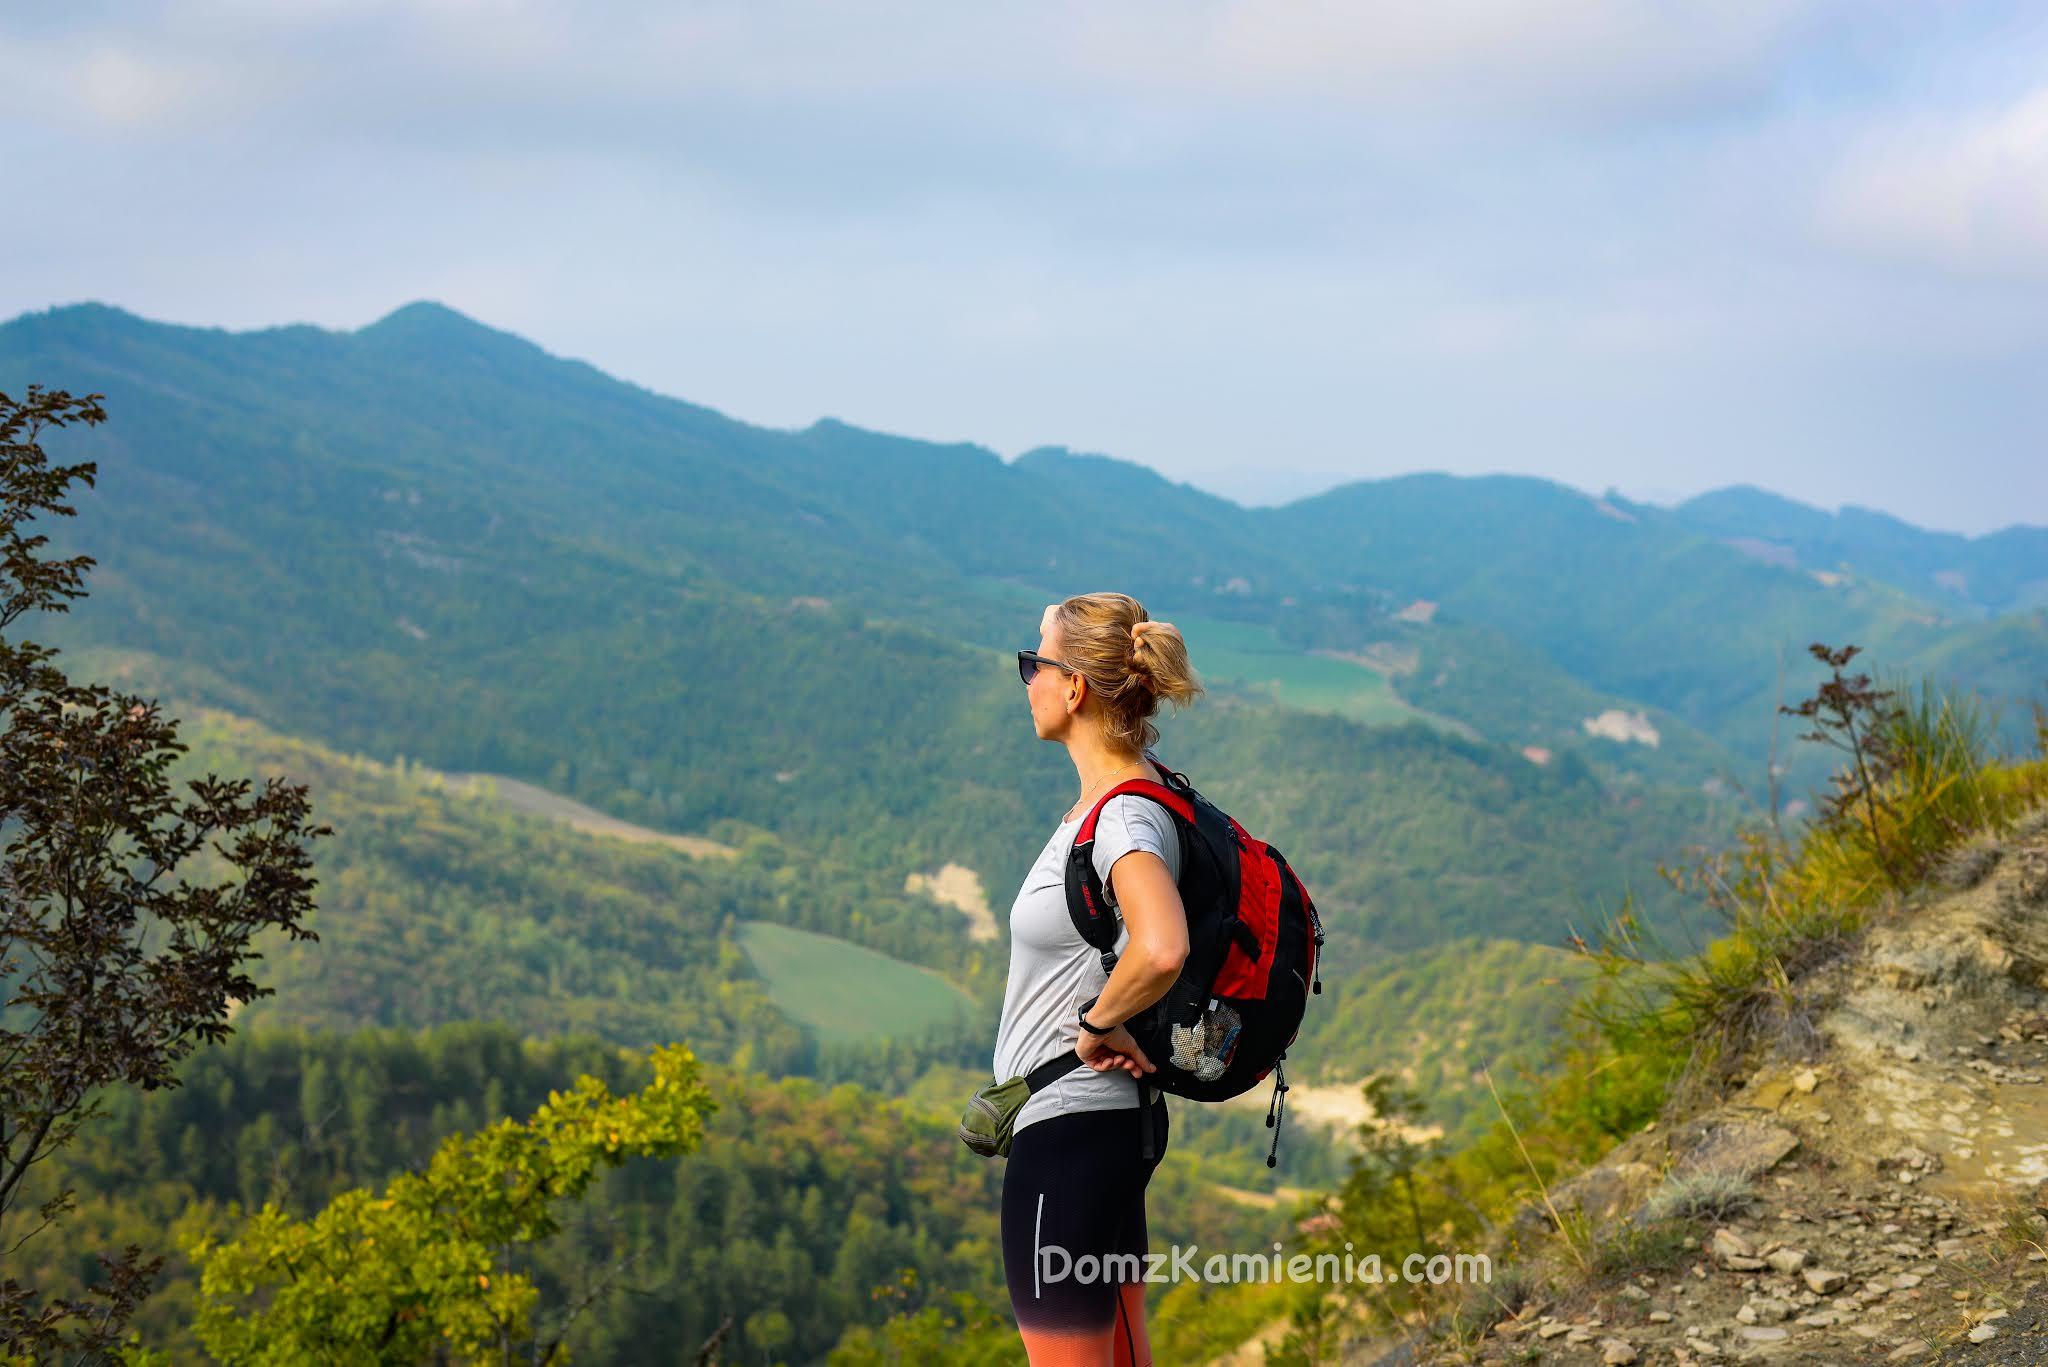 Dom z Kamienia, trekking, szlak Dantego